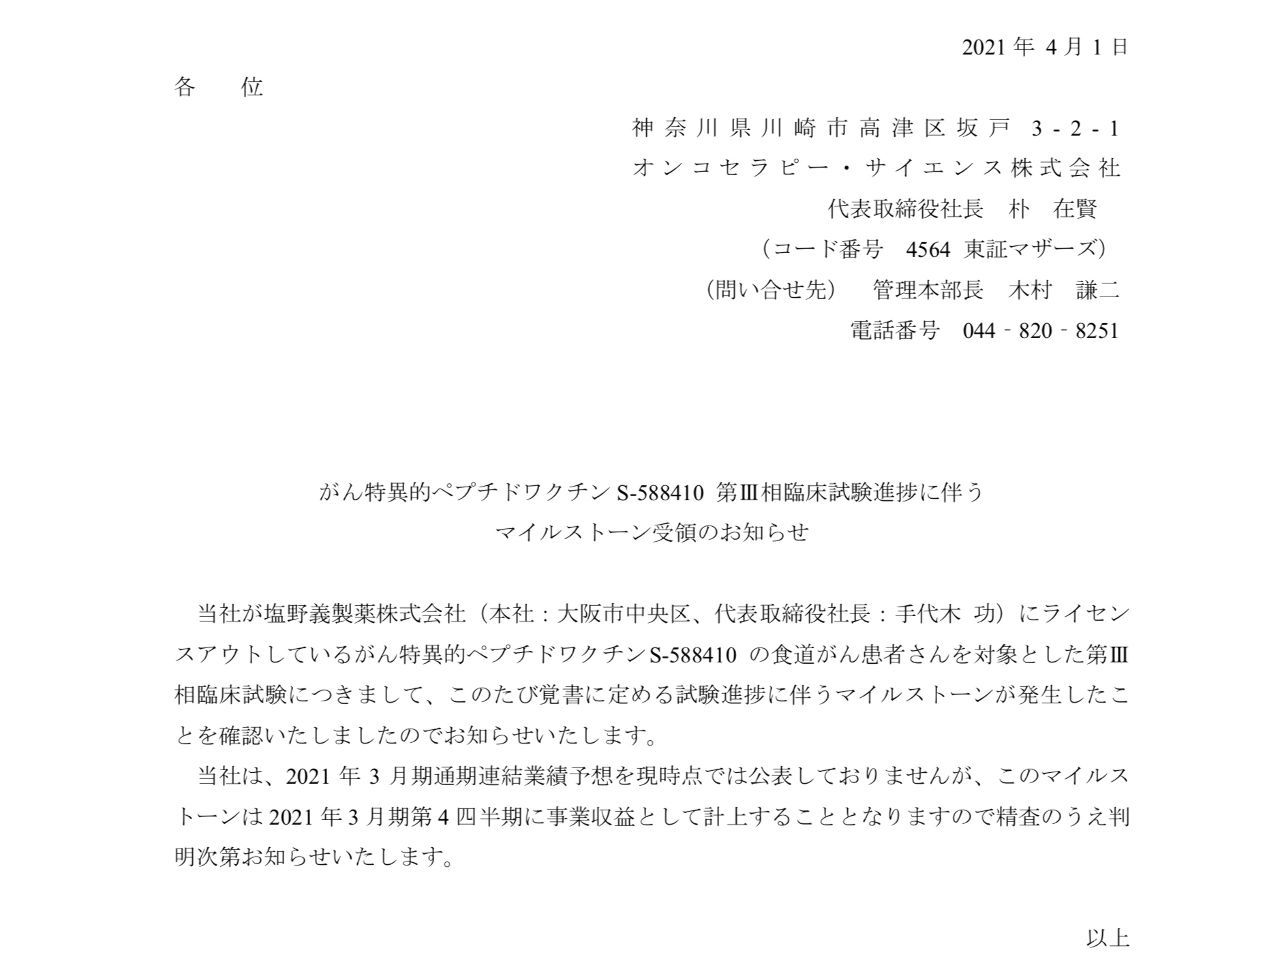 4564 - オンコセラピー・サイエンス(株)  出たよ!